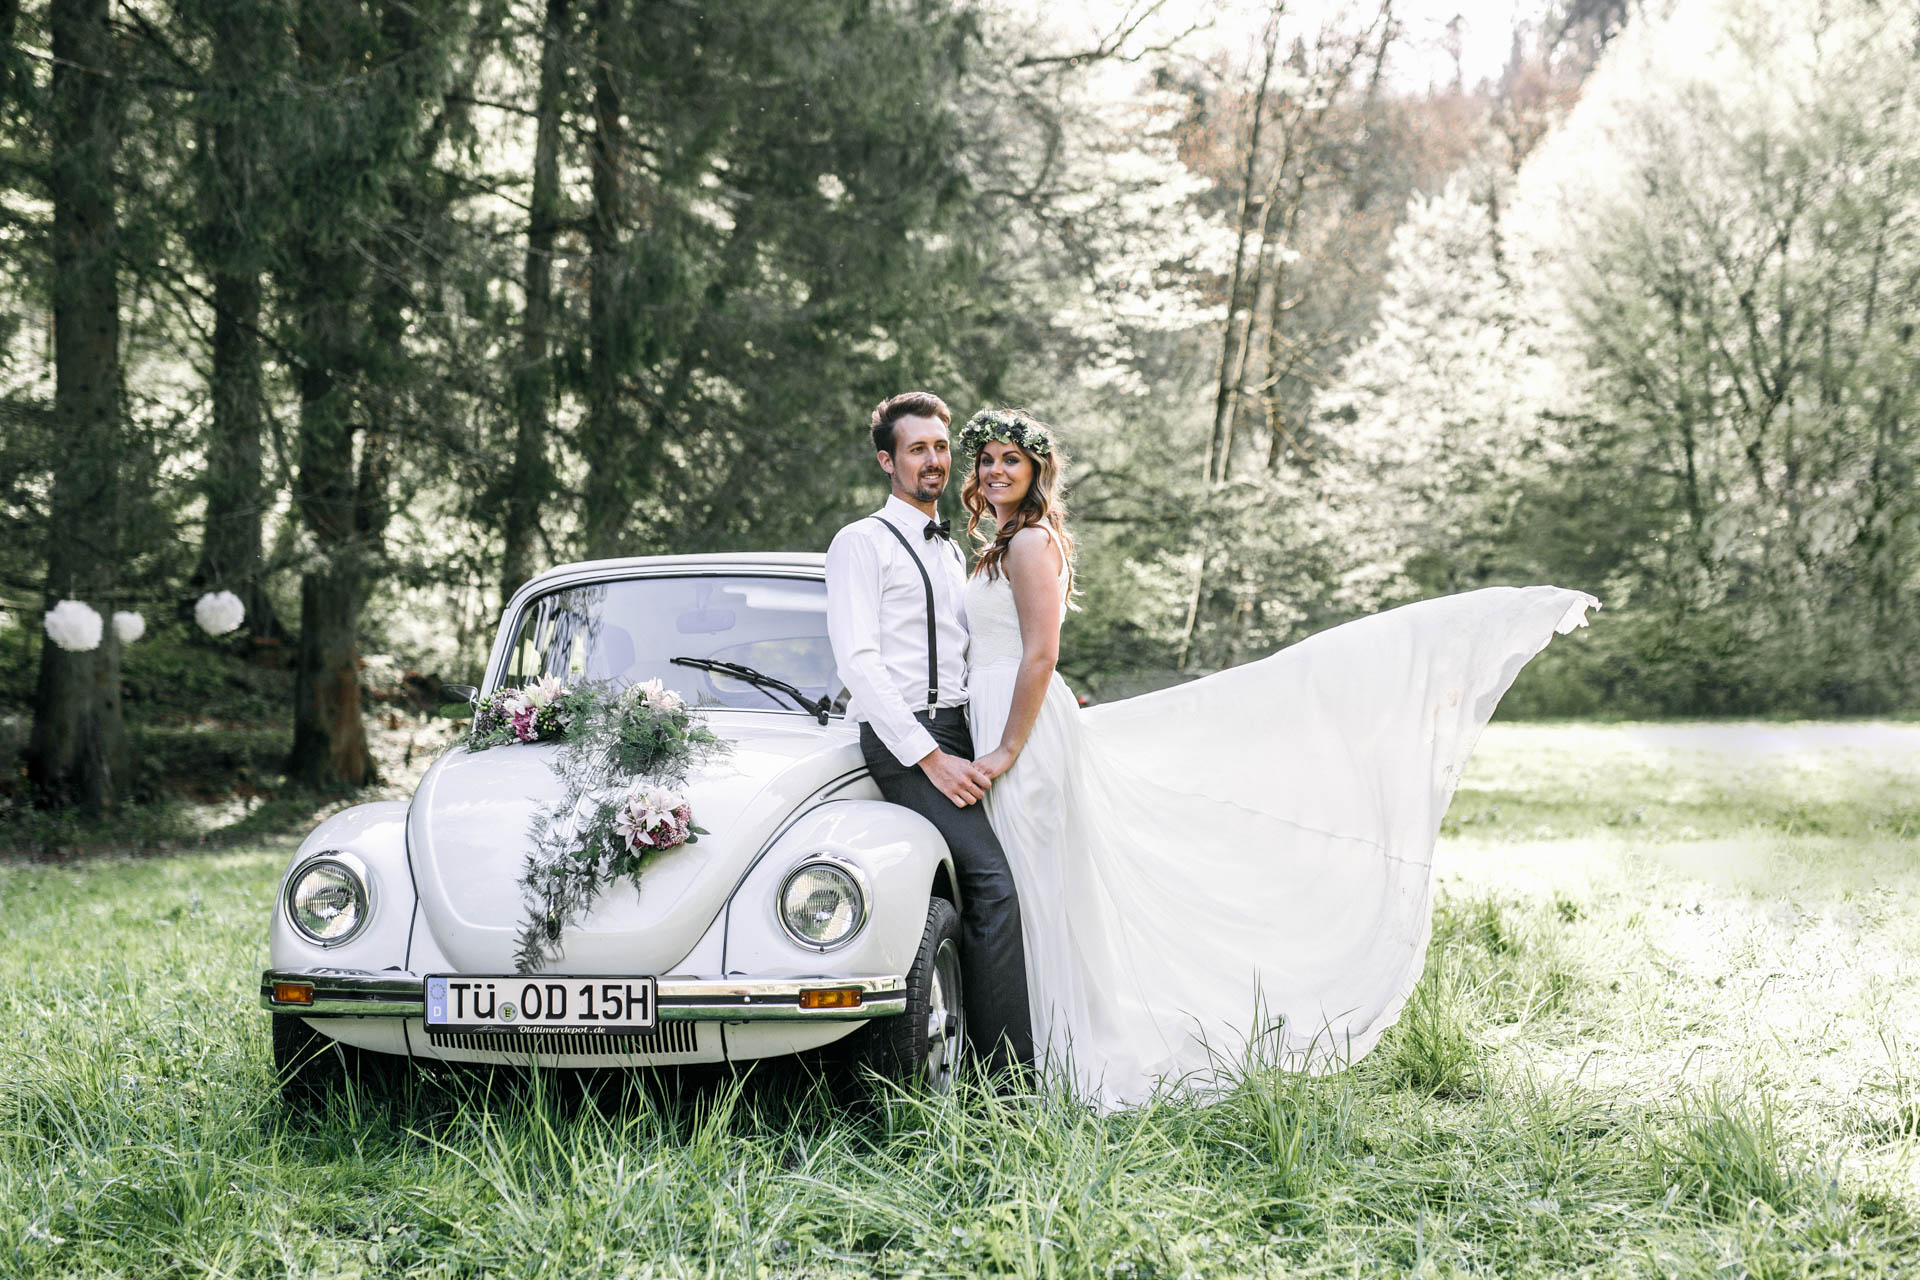 Brautpaar lehnt am Hochzeitsauto (VW Käfer)